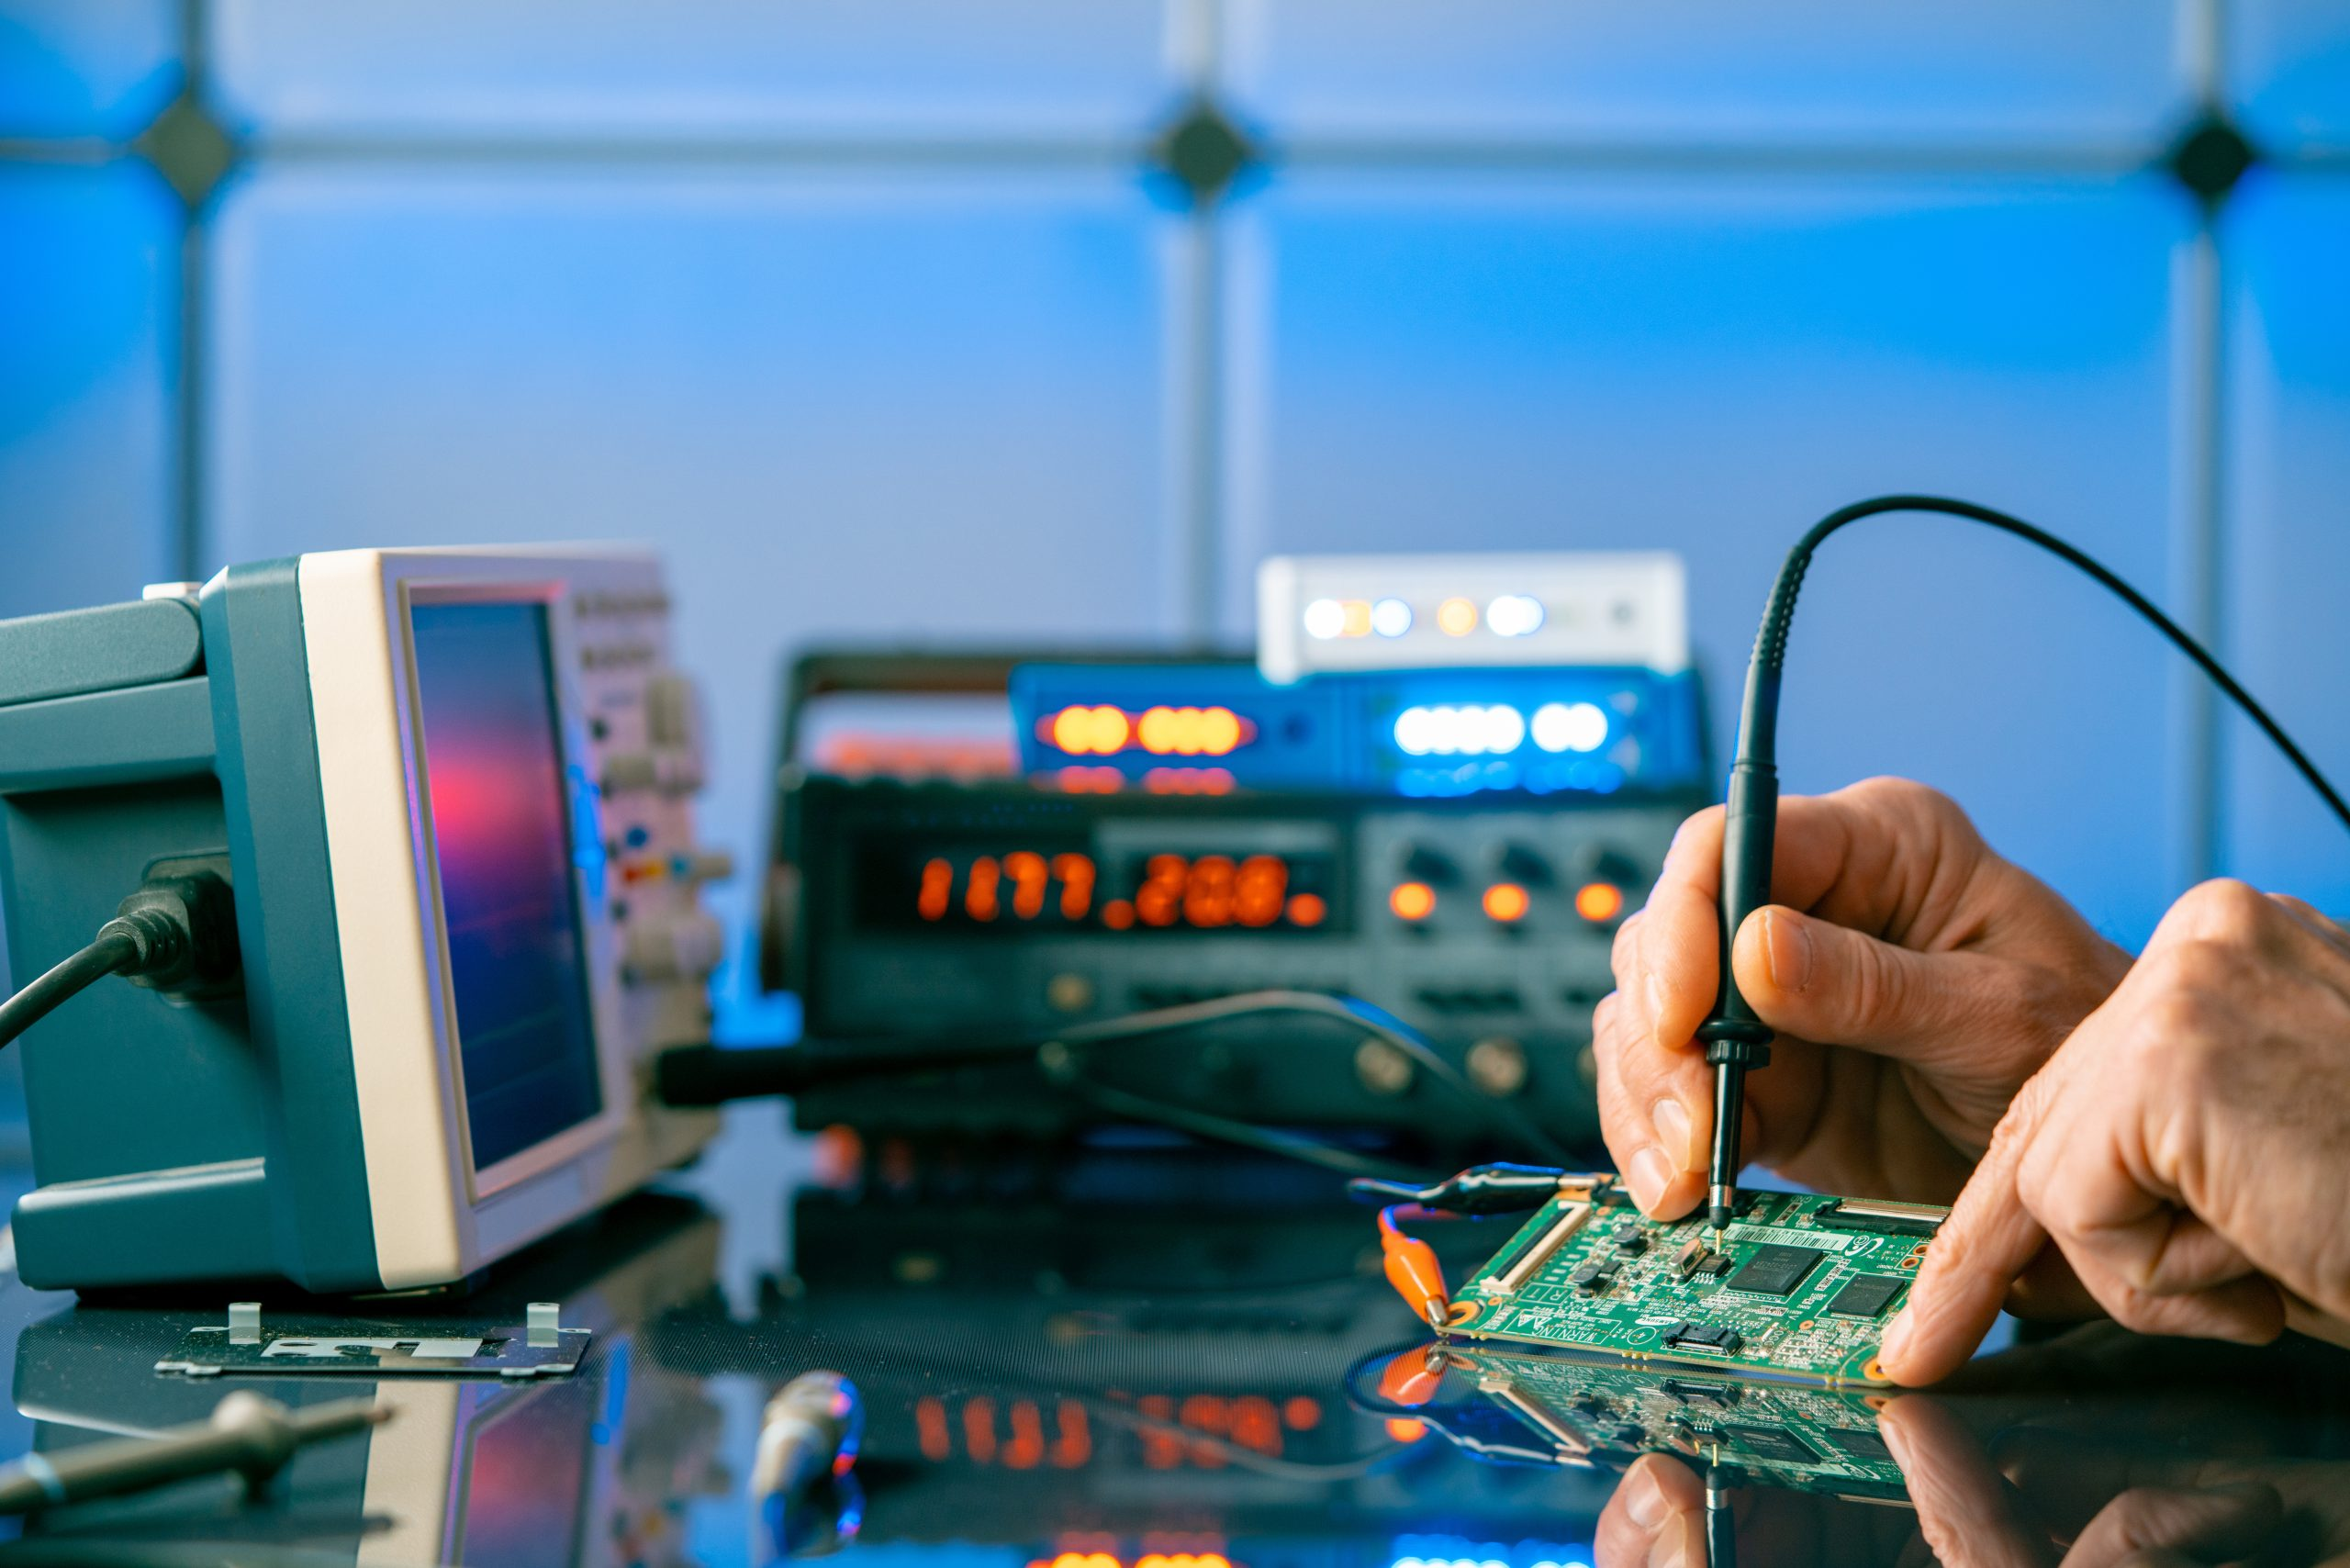 Debugging electronics